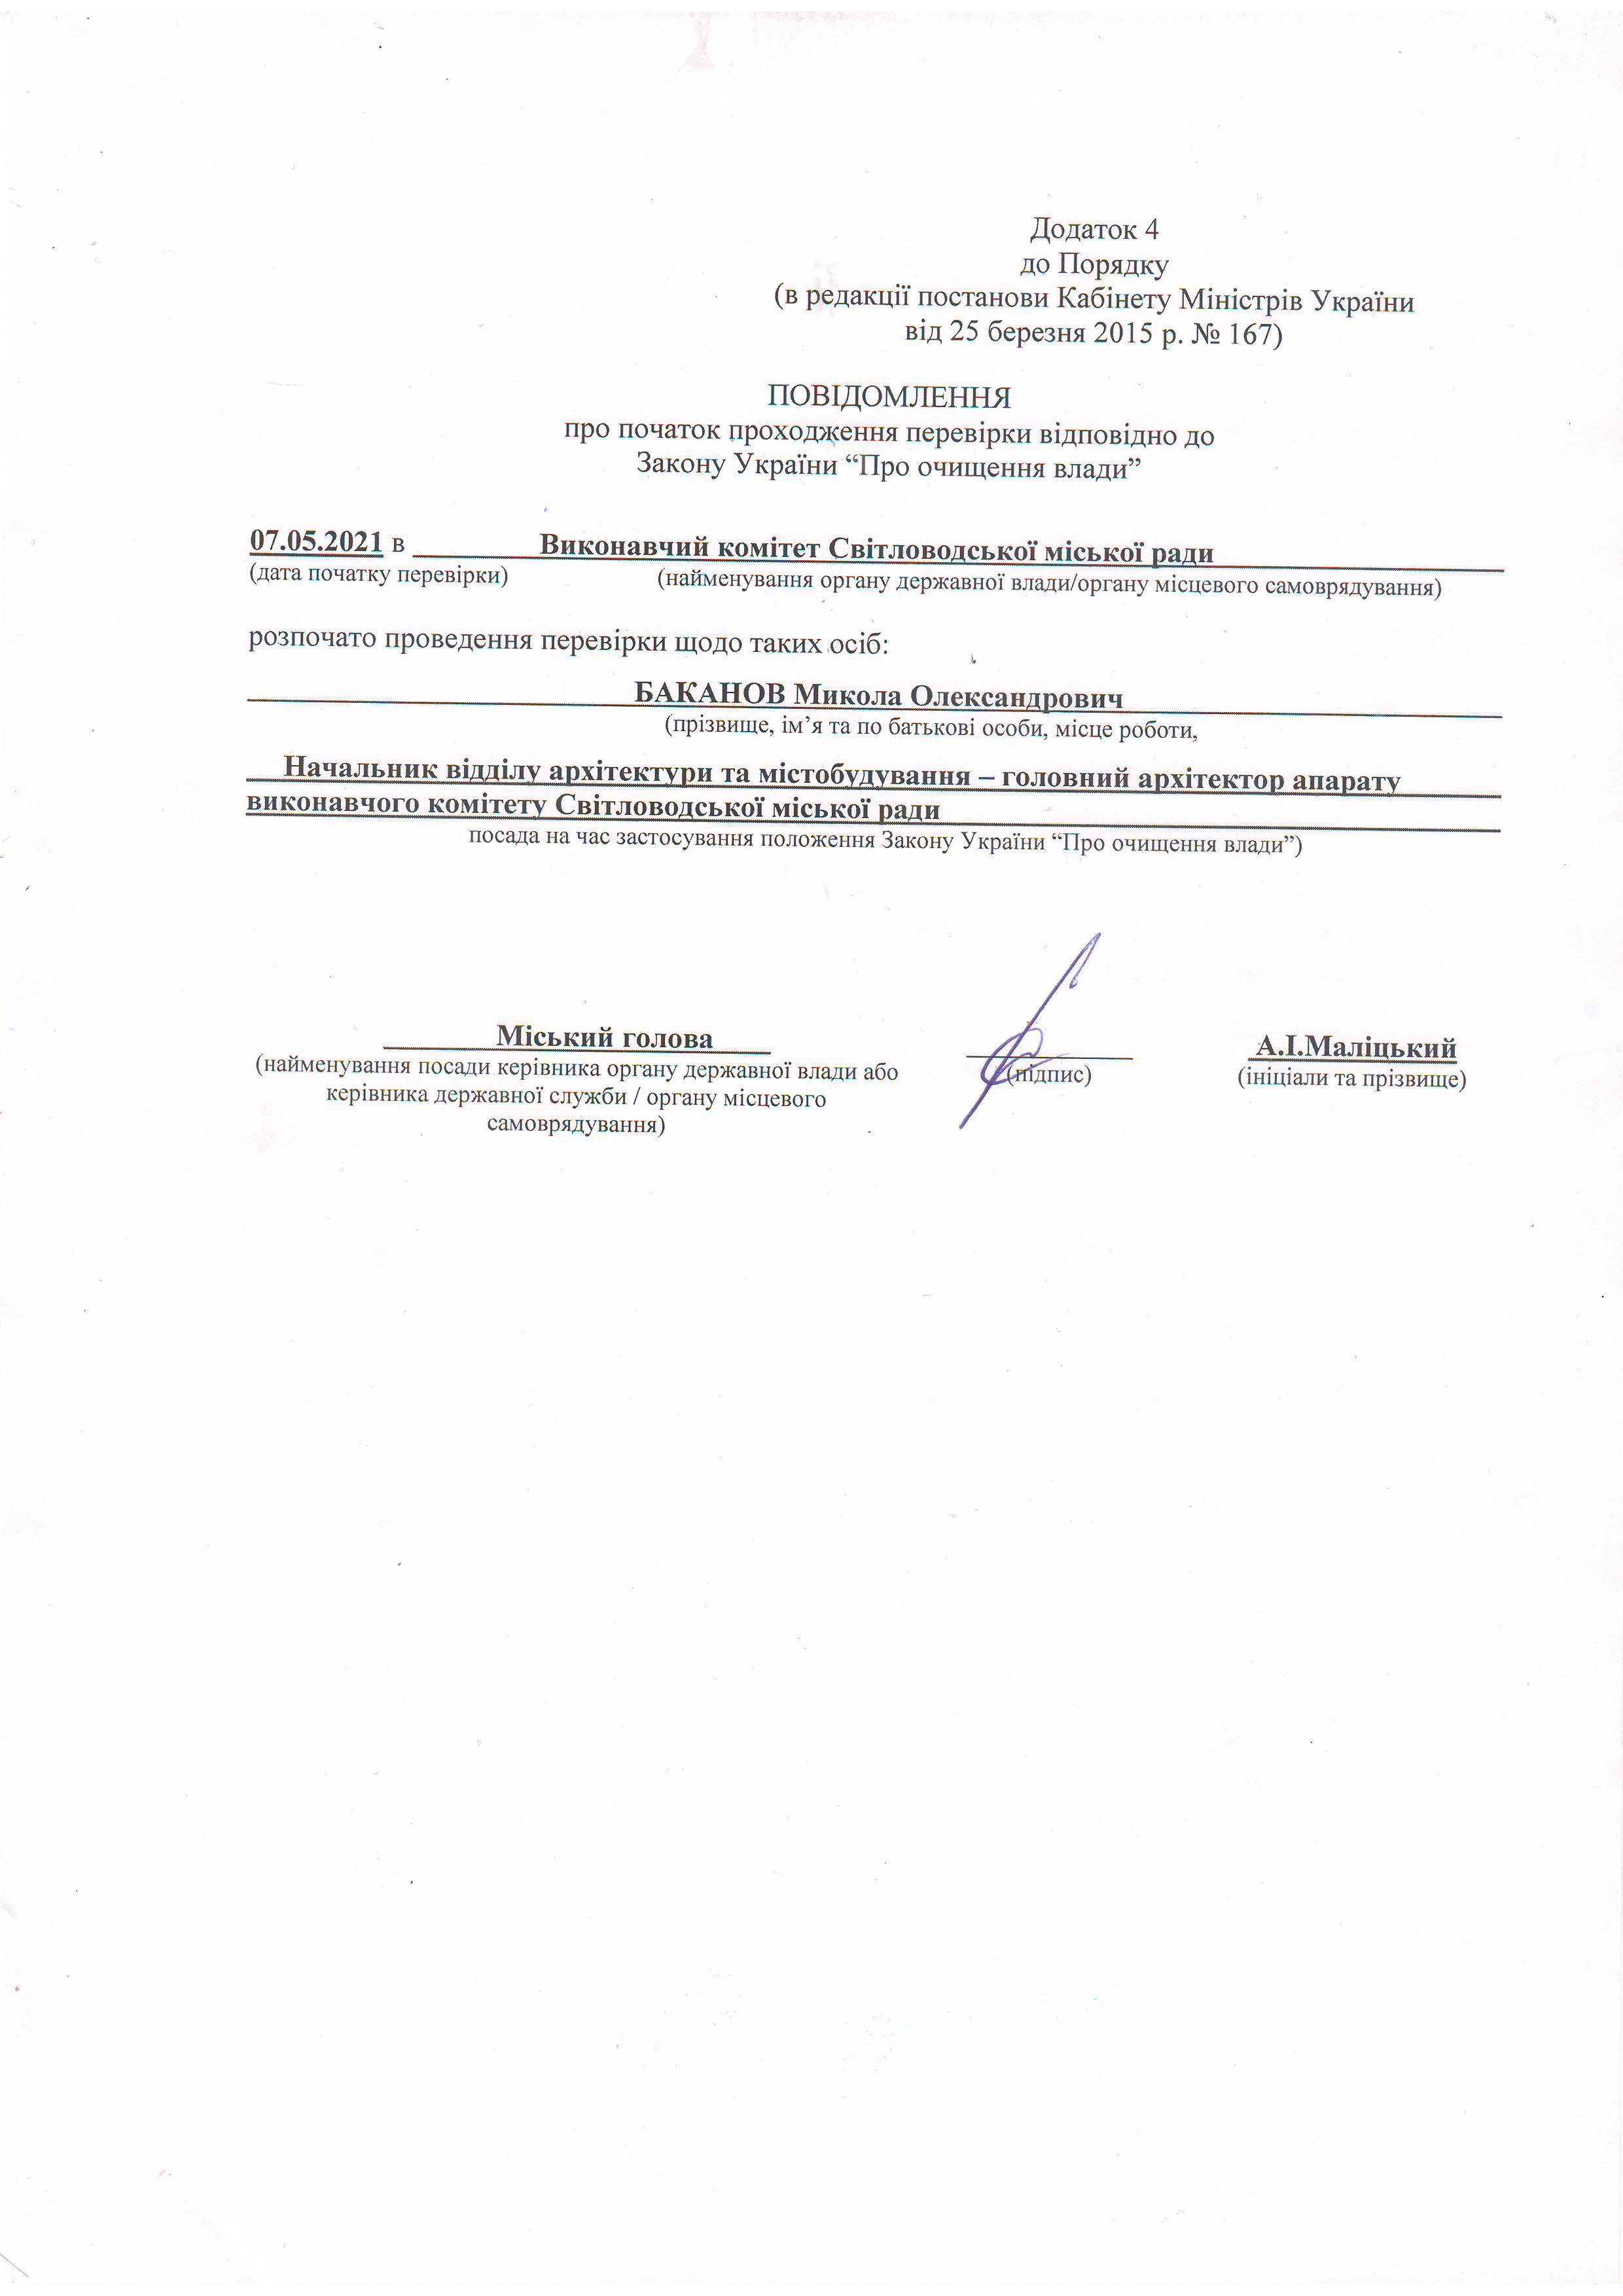 Результати перевірки Баканов М.О.